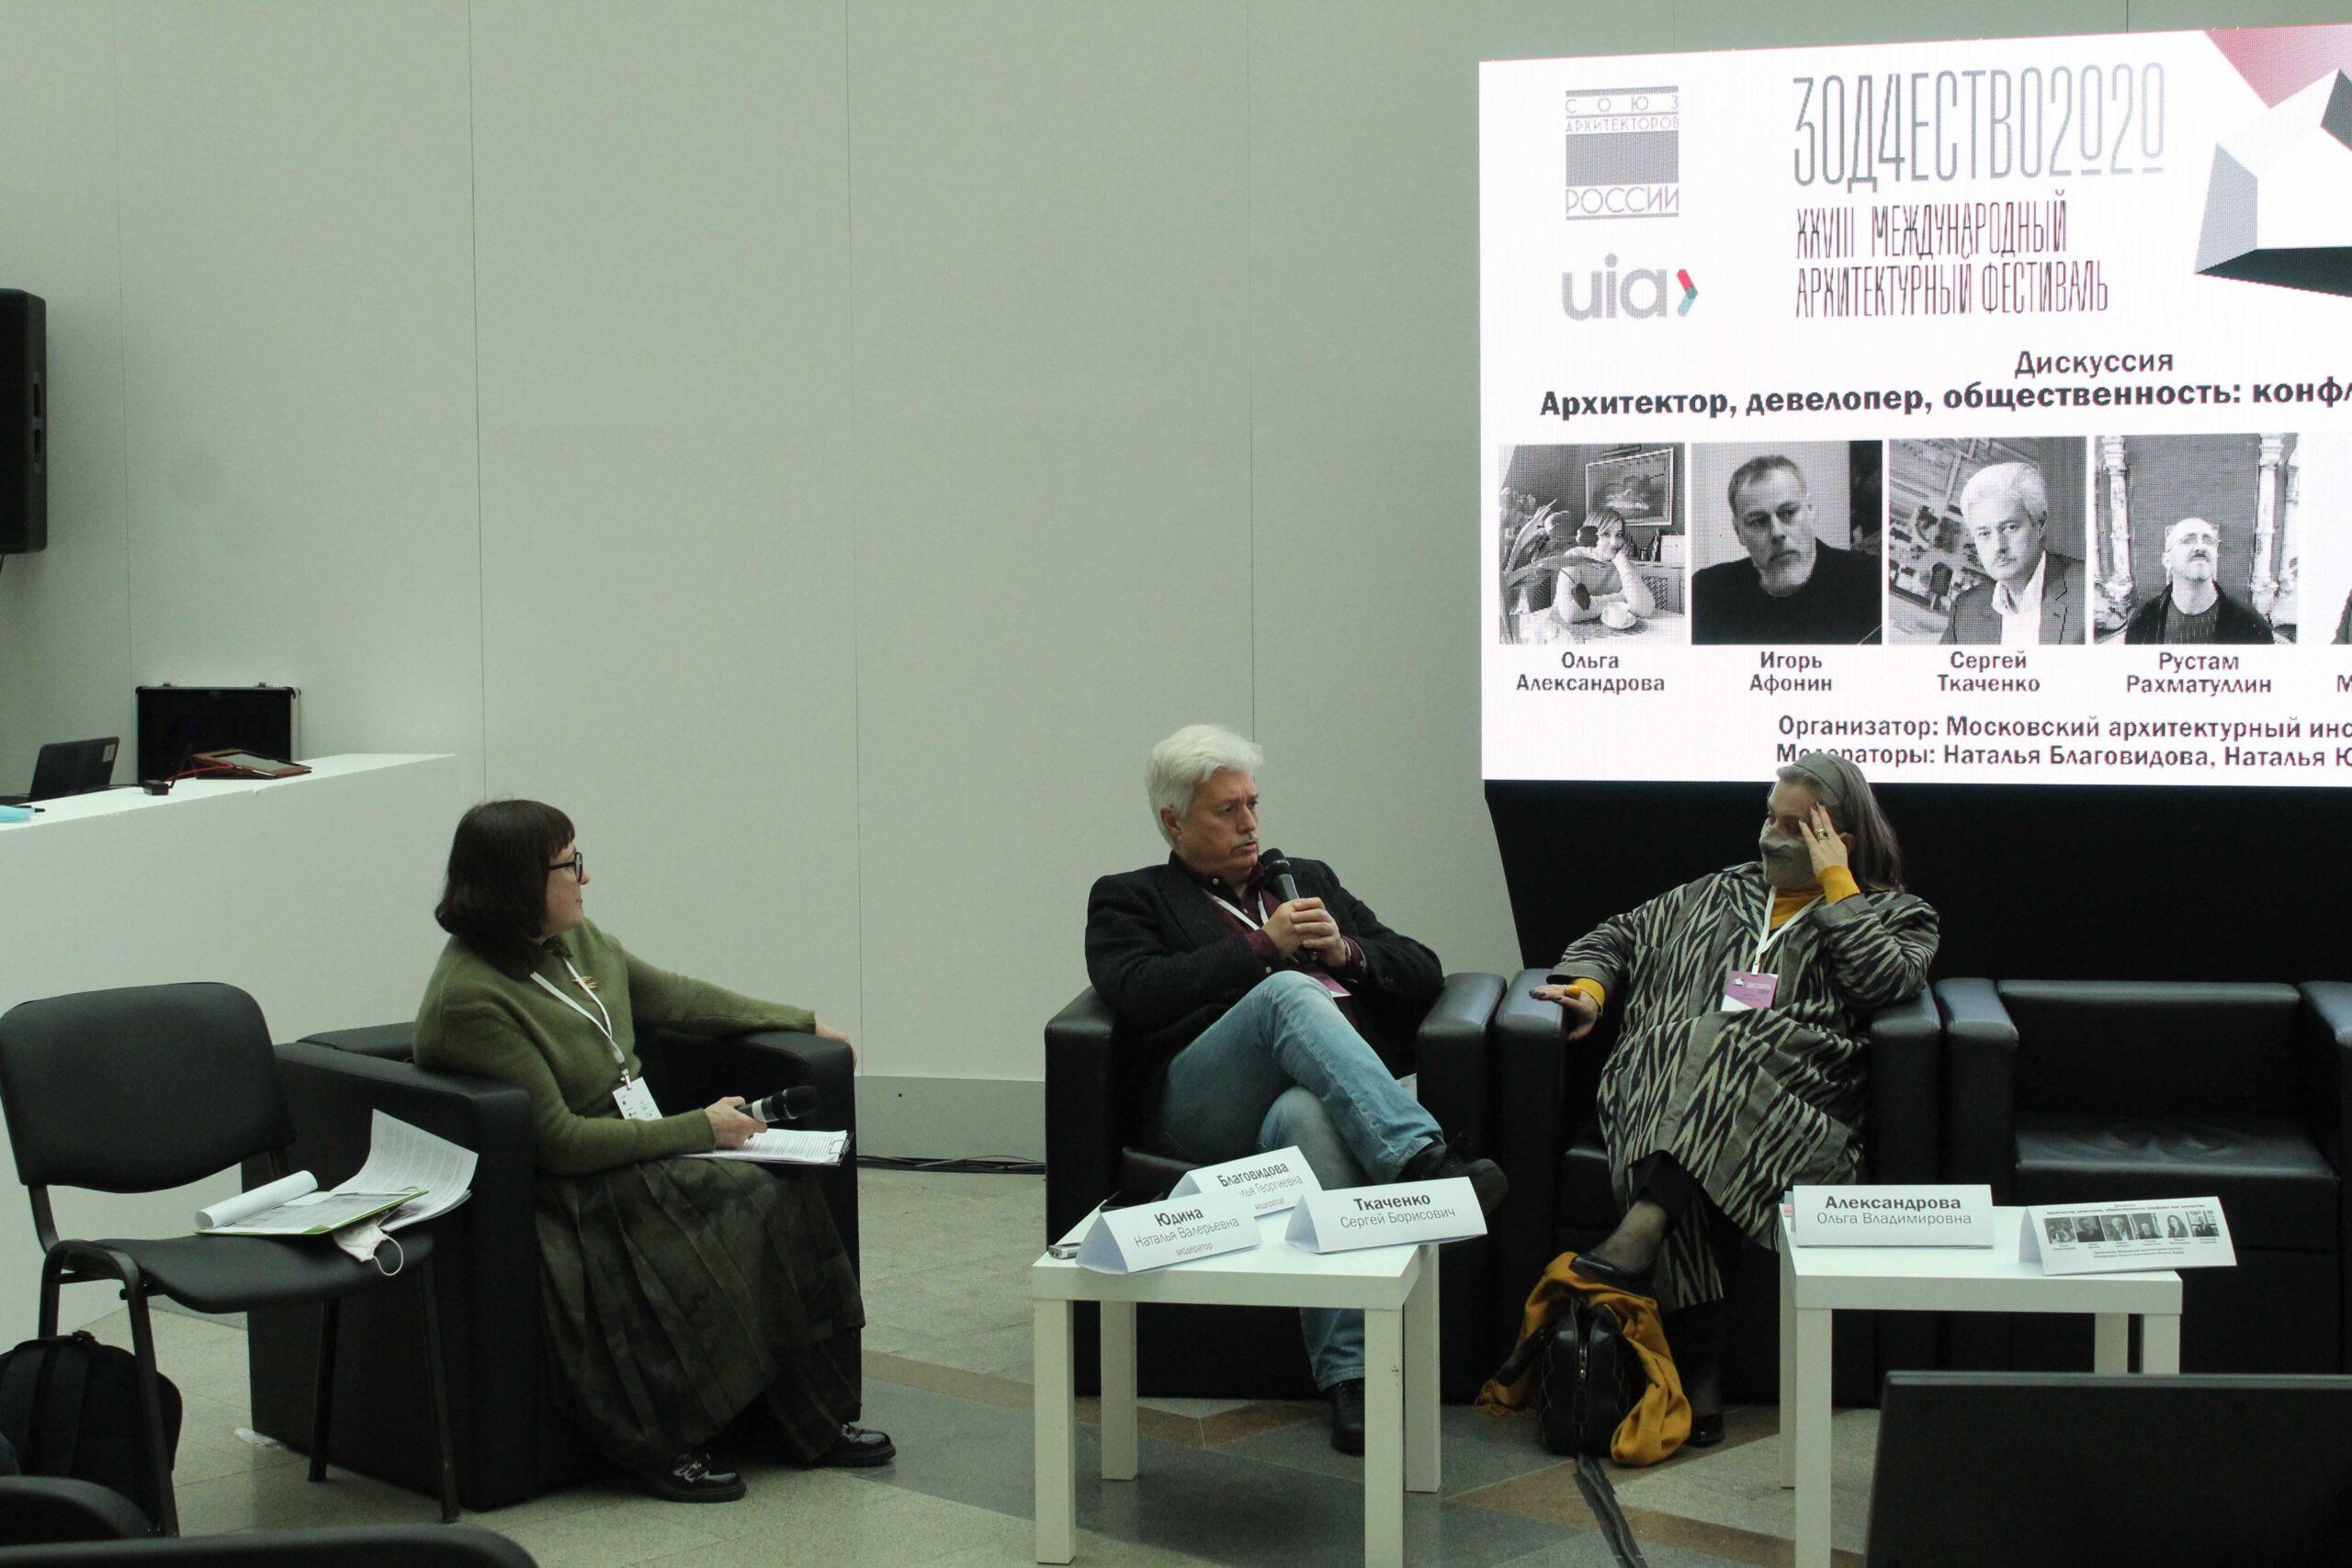 Дискуссия «Архитектор, девелопер и общественность: конфликт или соучастие» на Зодчестве 2020